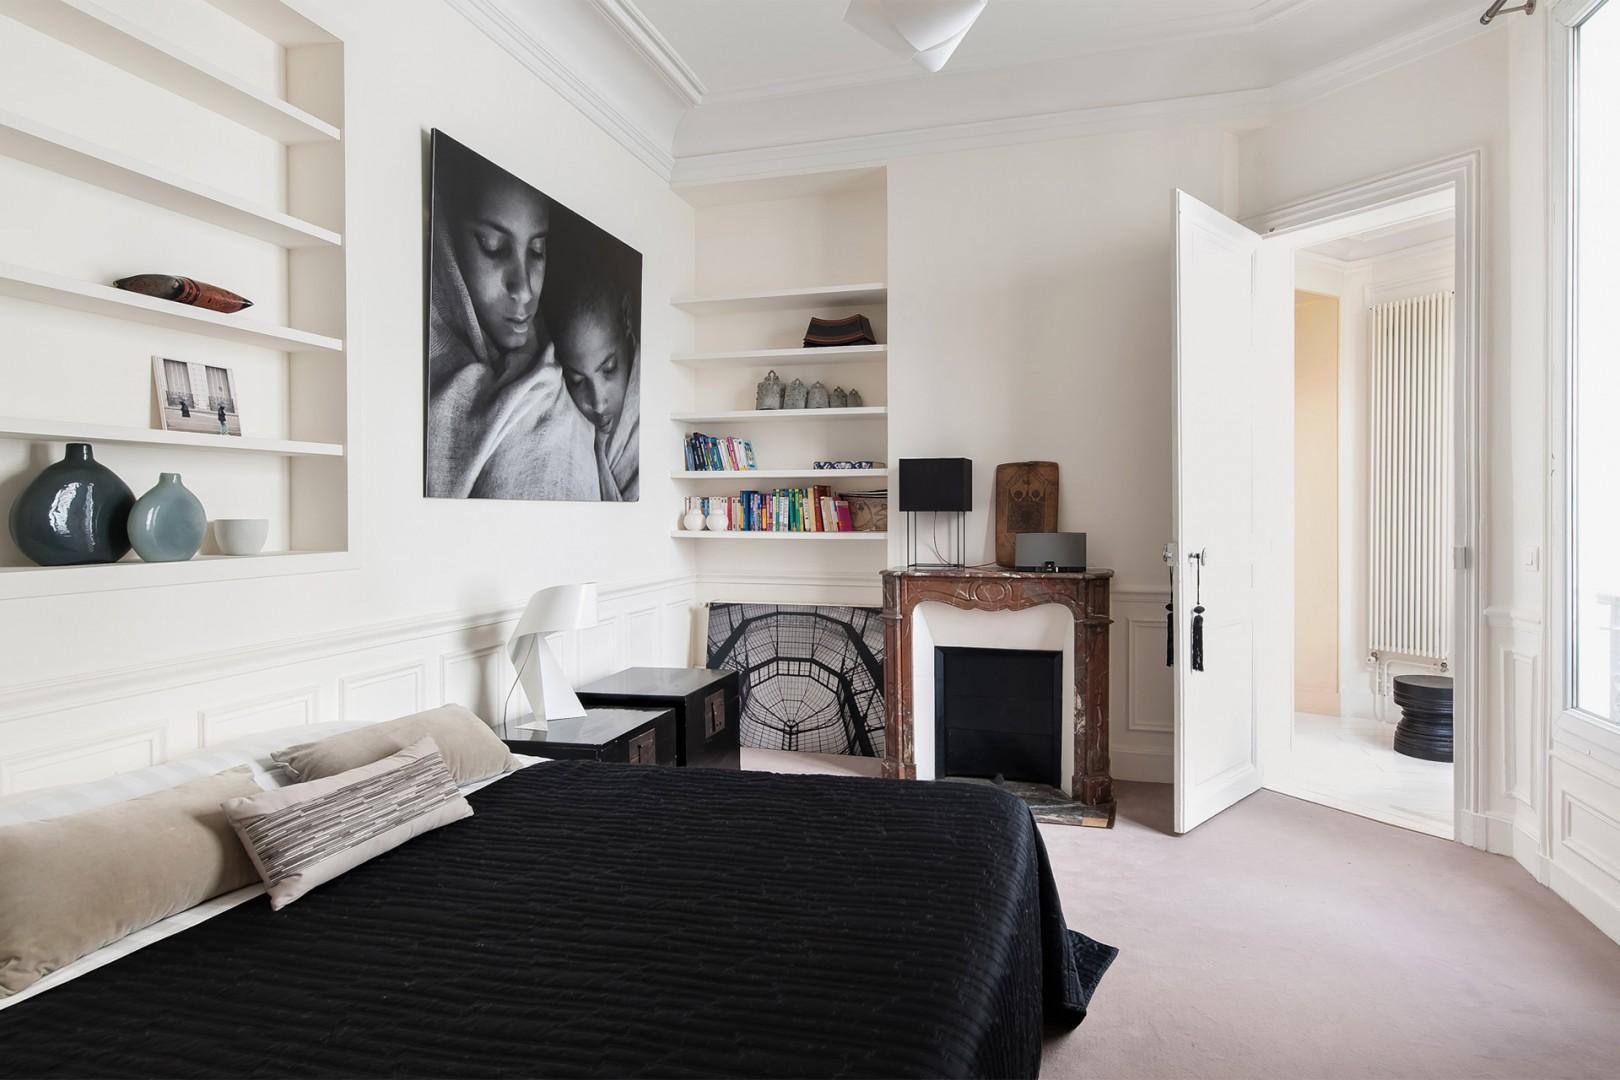 Original fireplace in bedroom 3